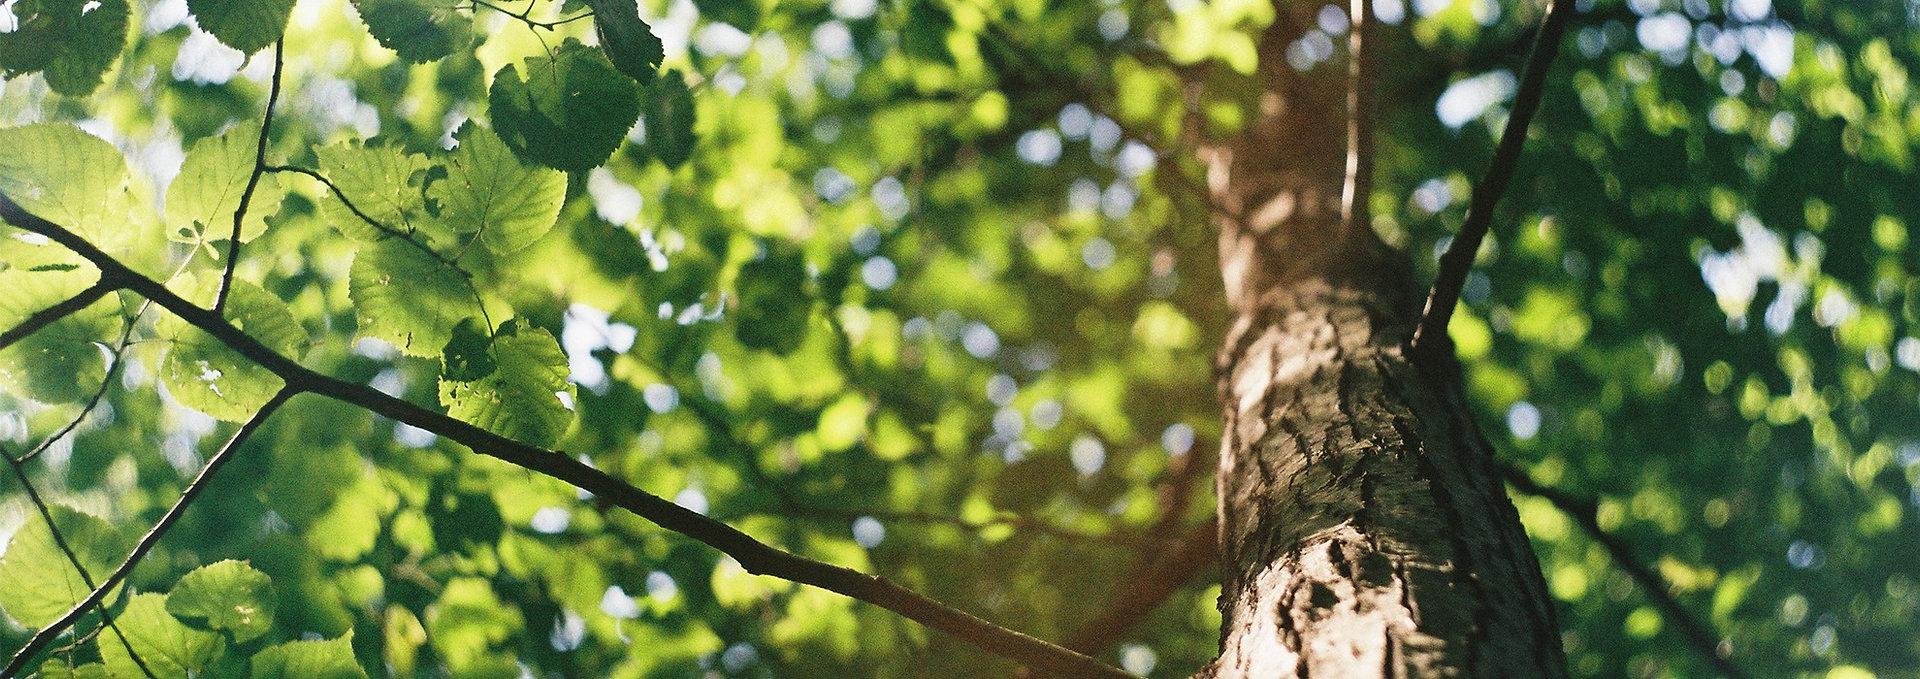 Baum_gespiegelt.jpg